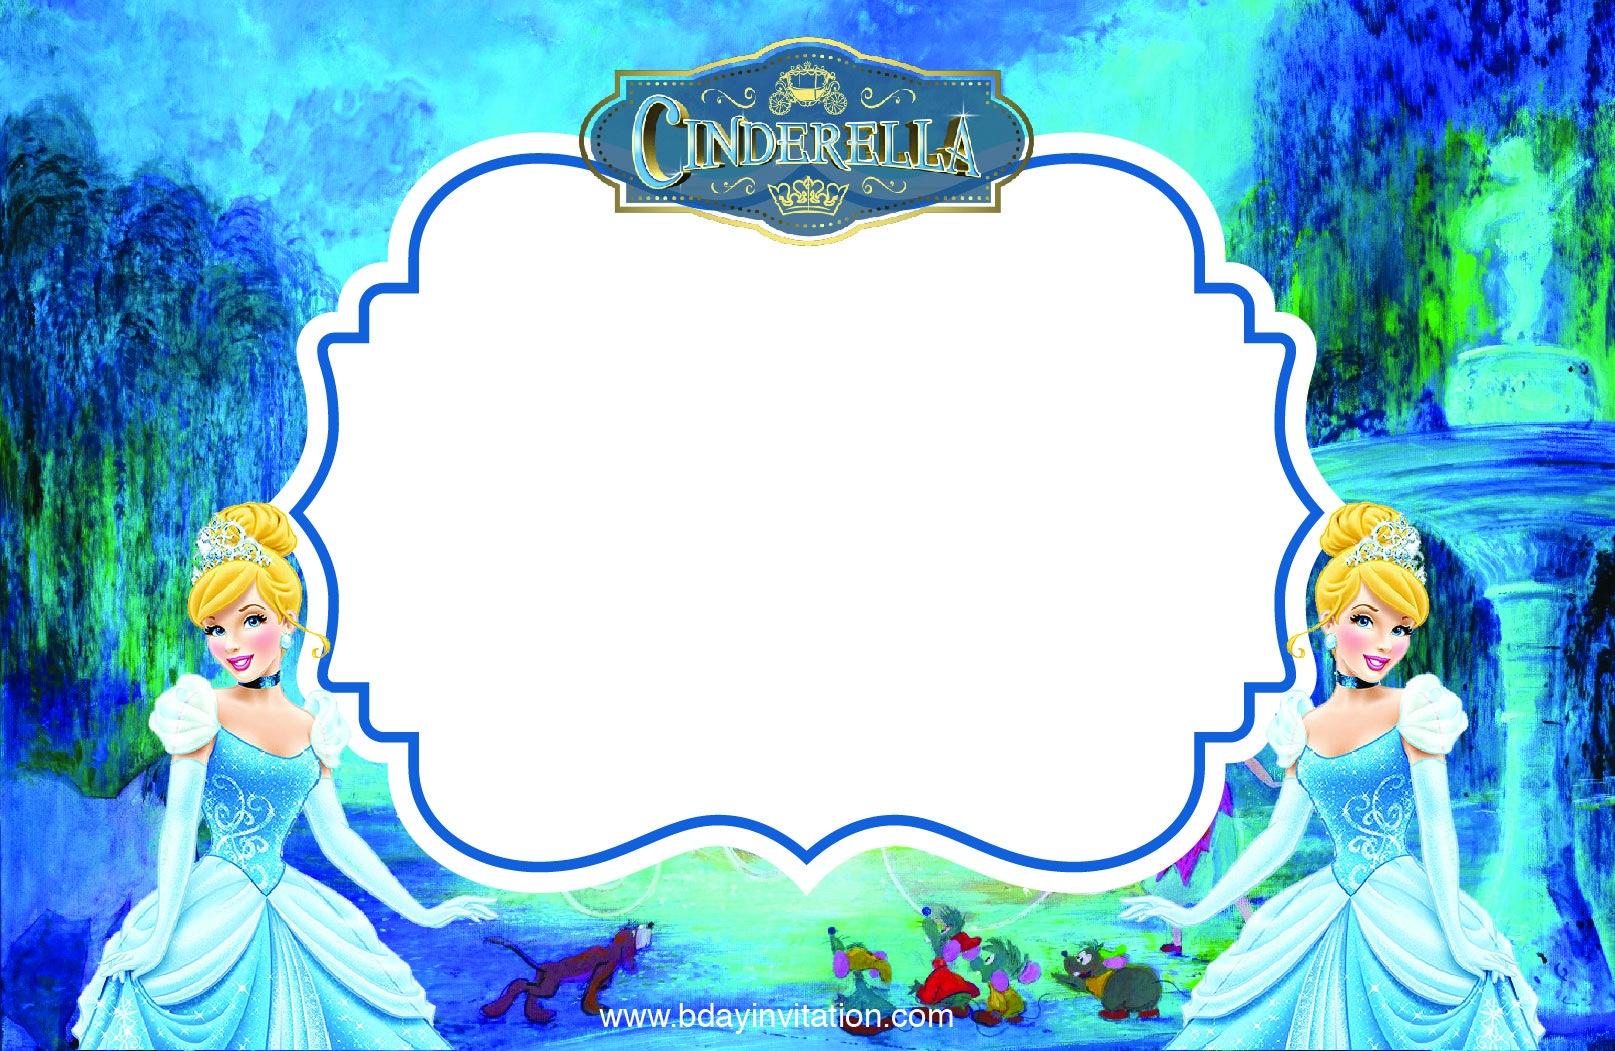 Download Free Printable Disney Cinderella Party Invitation Template - Free Printable Disney Invitations